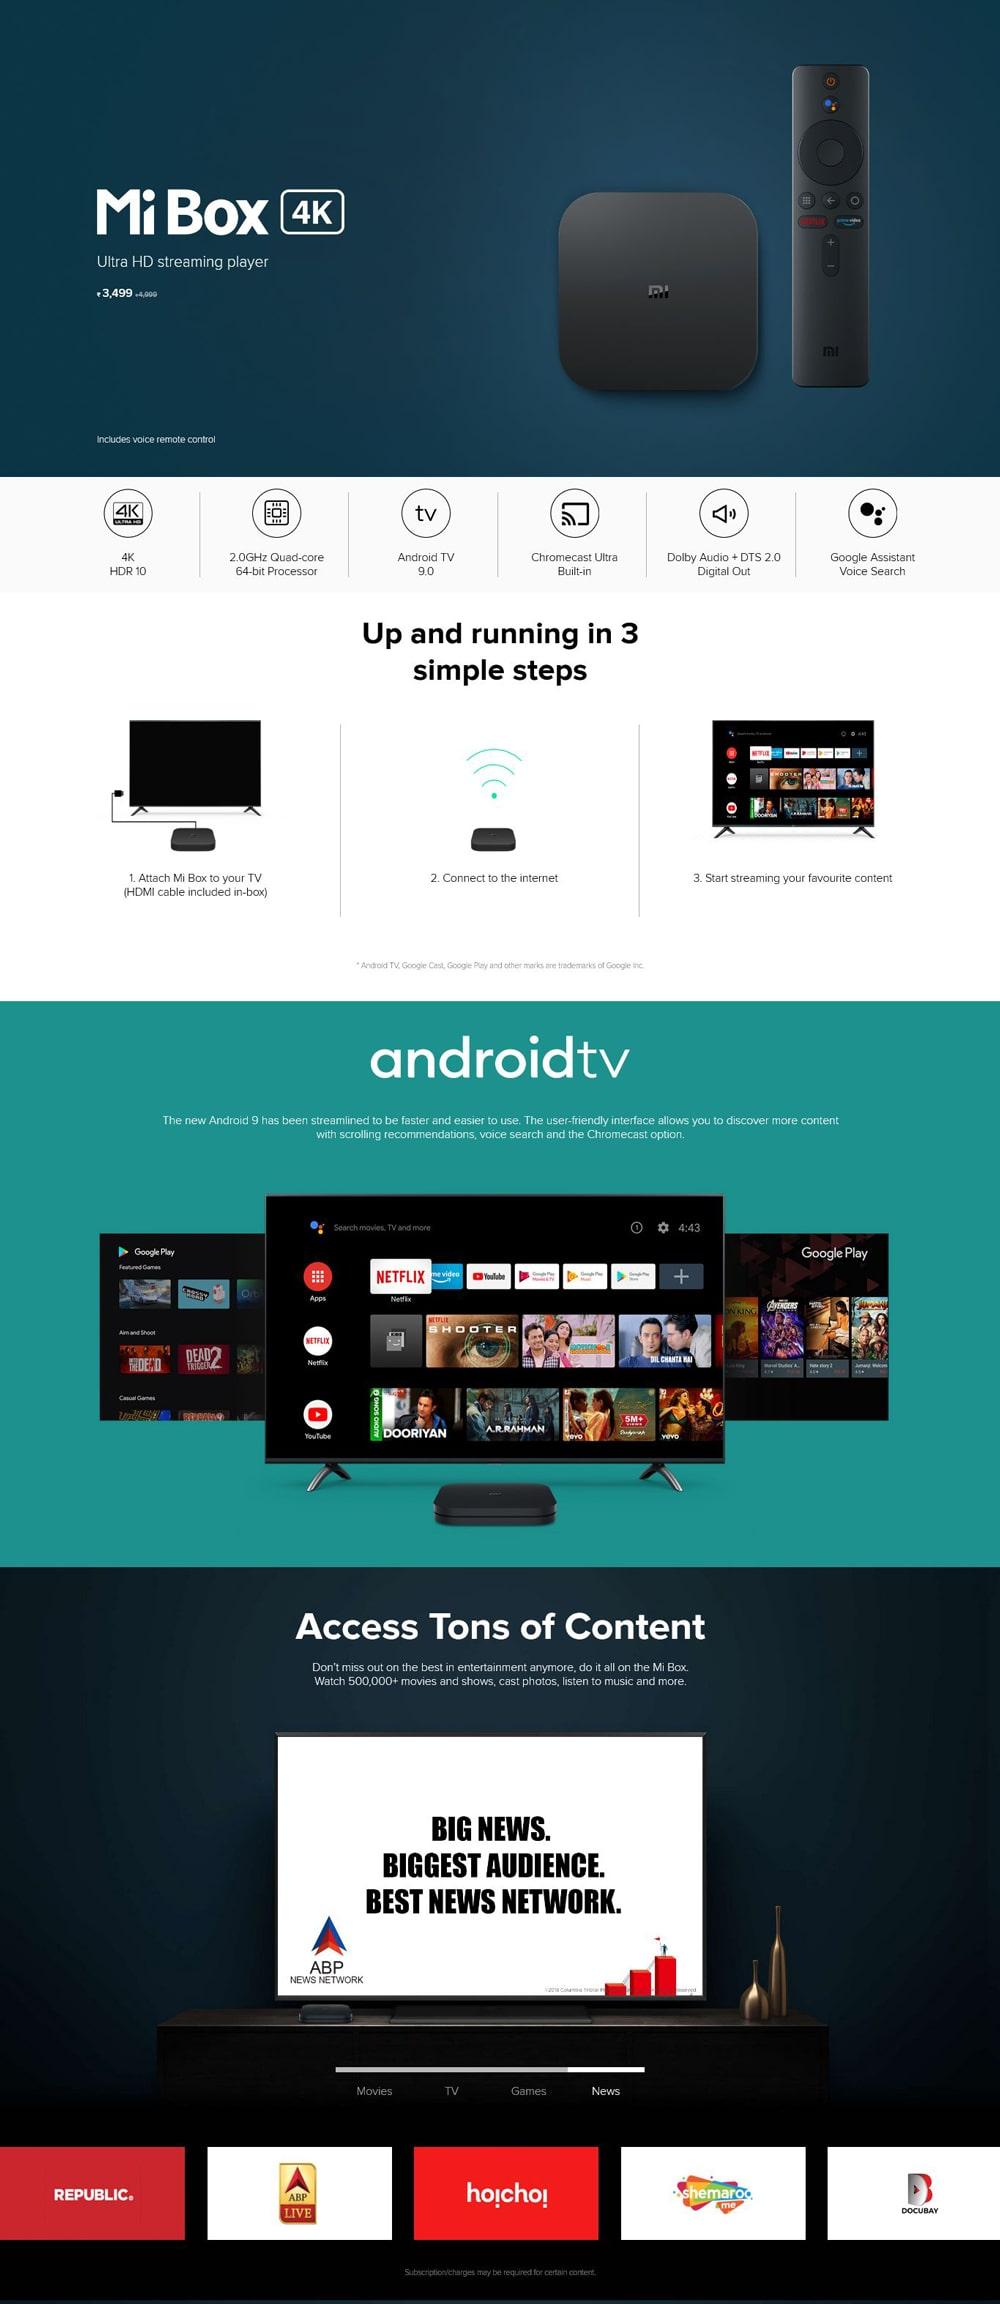 ی وی باکس 4k شیائومی – Xiaomi Mi TV Box 4K